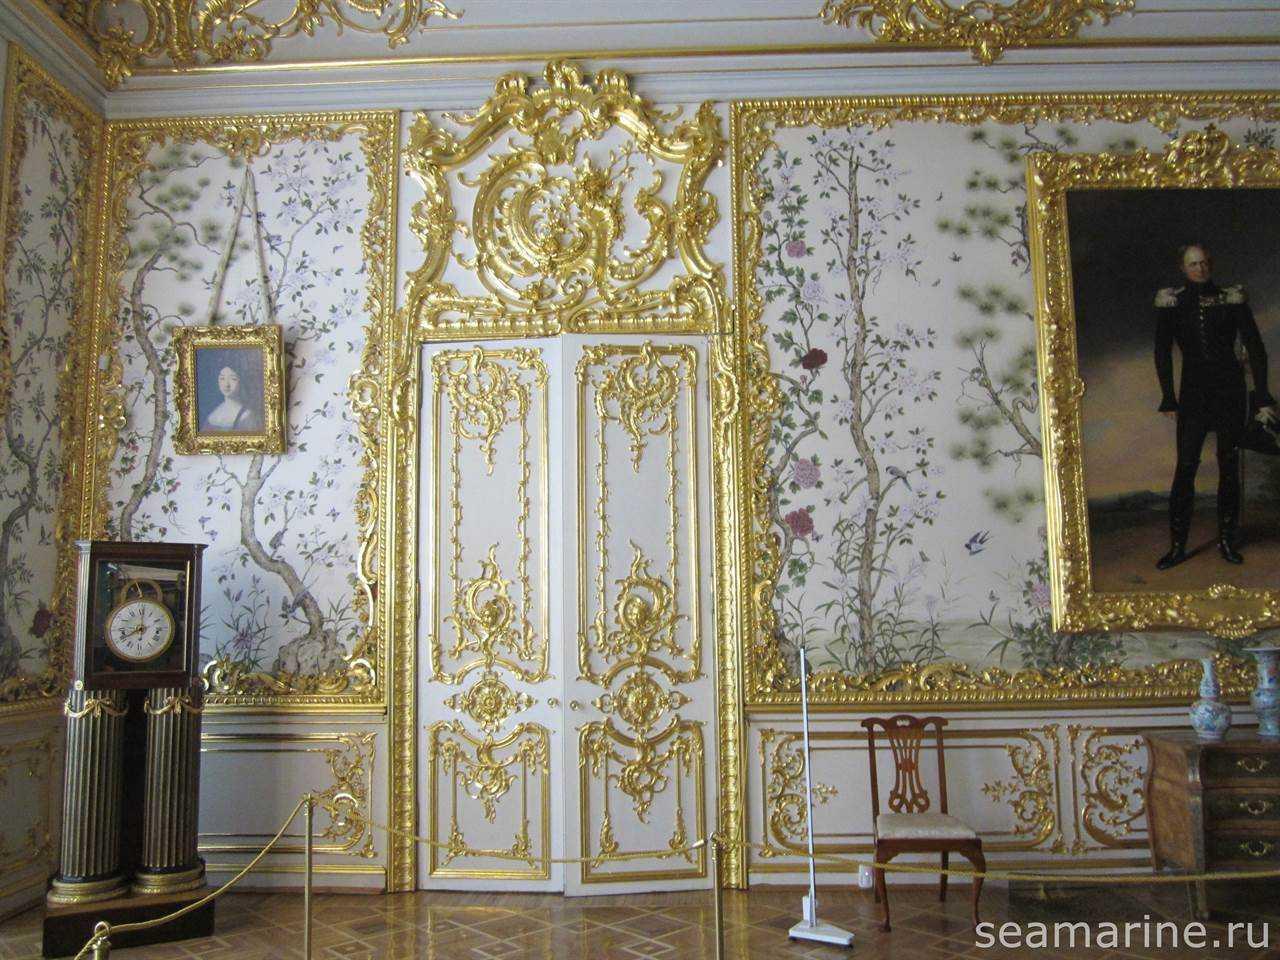 Екатерининский дворец. Китайская гостиная Александра I